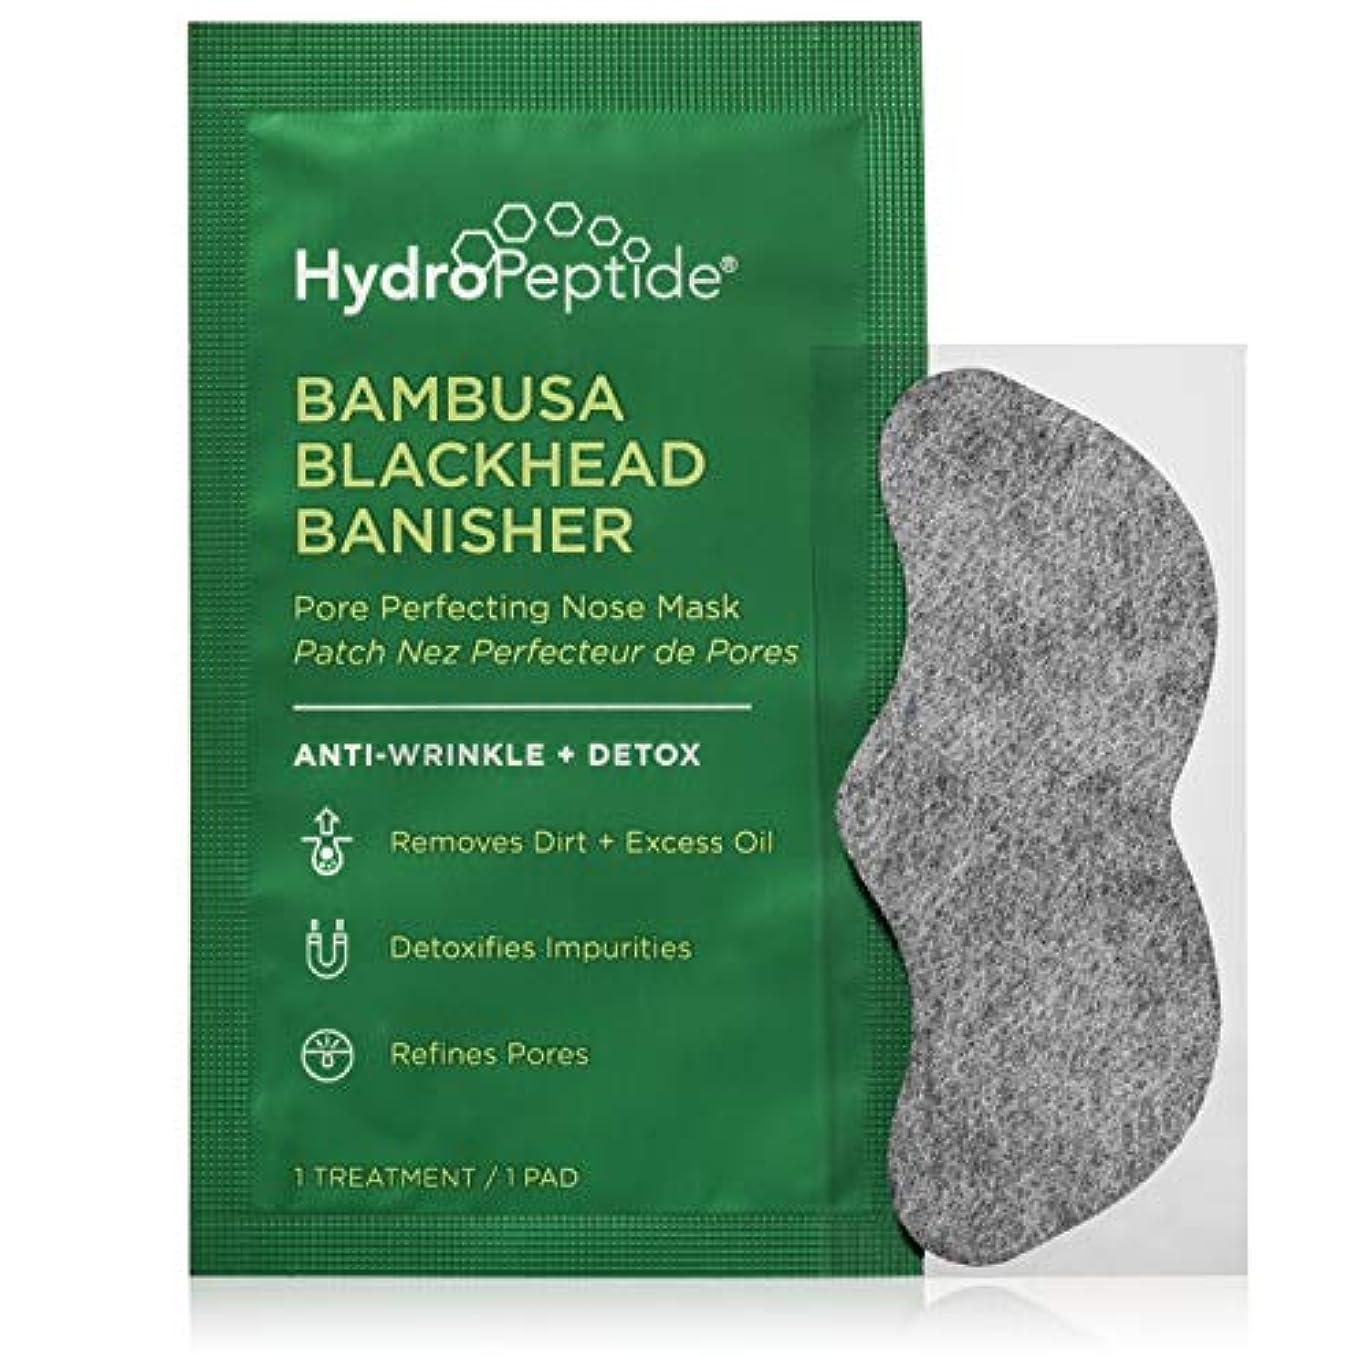 大臣サンダースレンジハイドロペプチド Bambusa Blackhead Banisher Pore Perfecting Nose Mask 8sheets並行輸入品